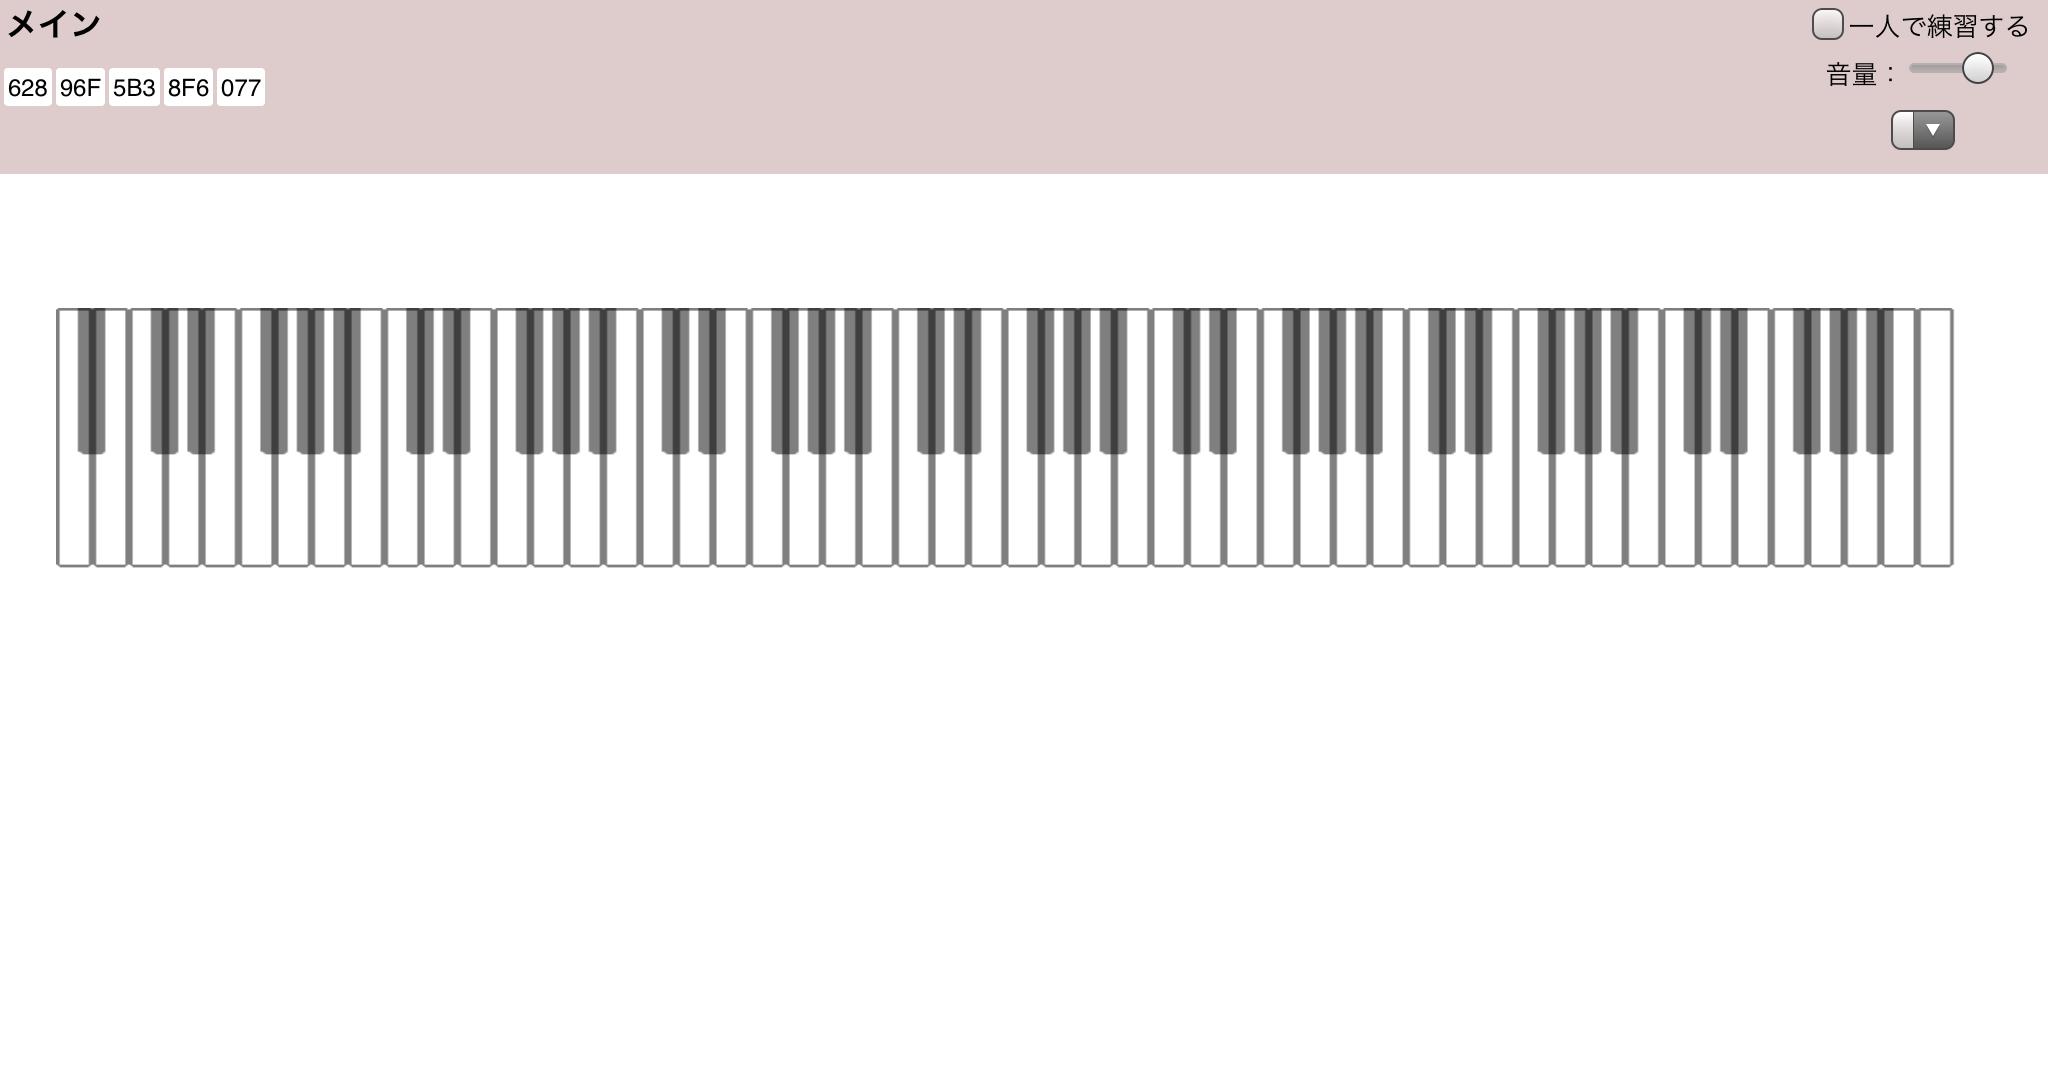 チャットログが出る前のピアノだけの画像